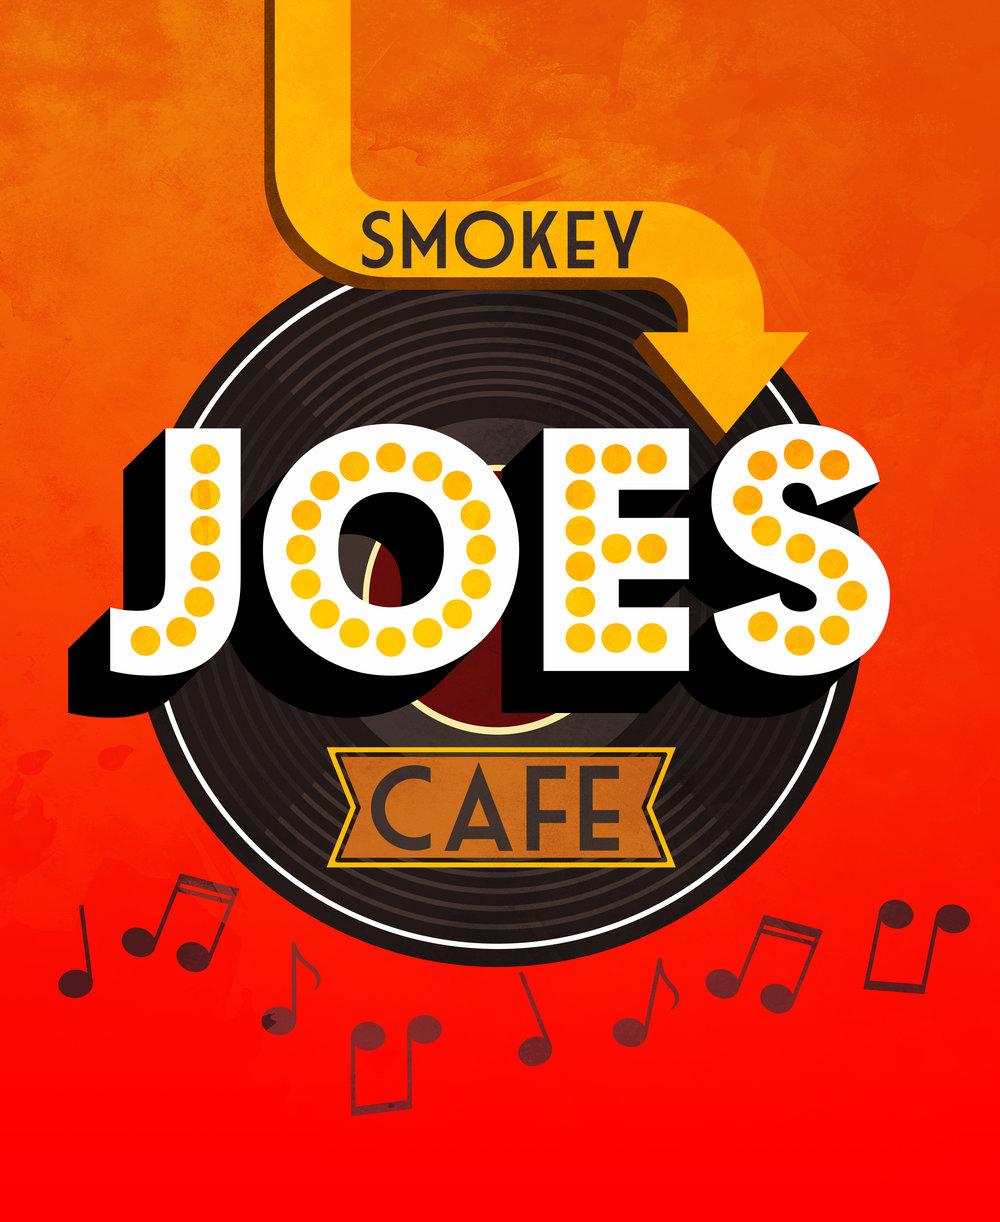 SmokeyJoesCafe.jpg